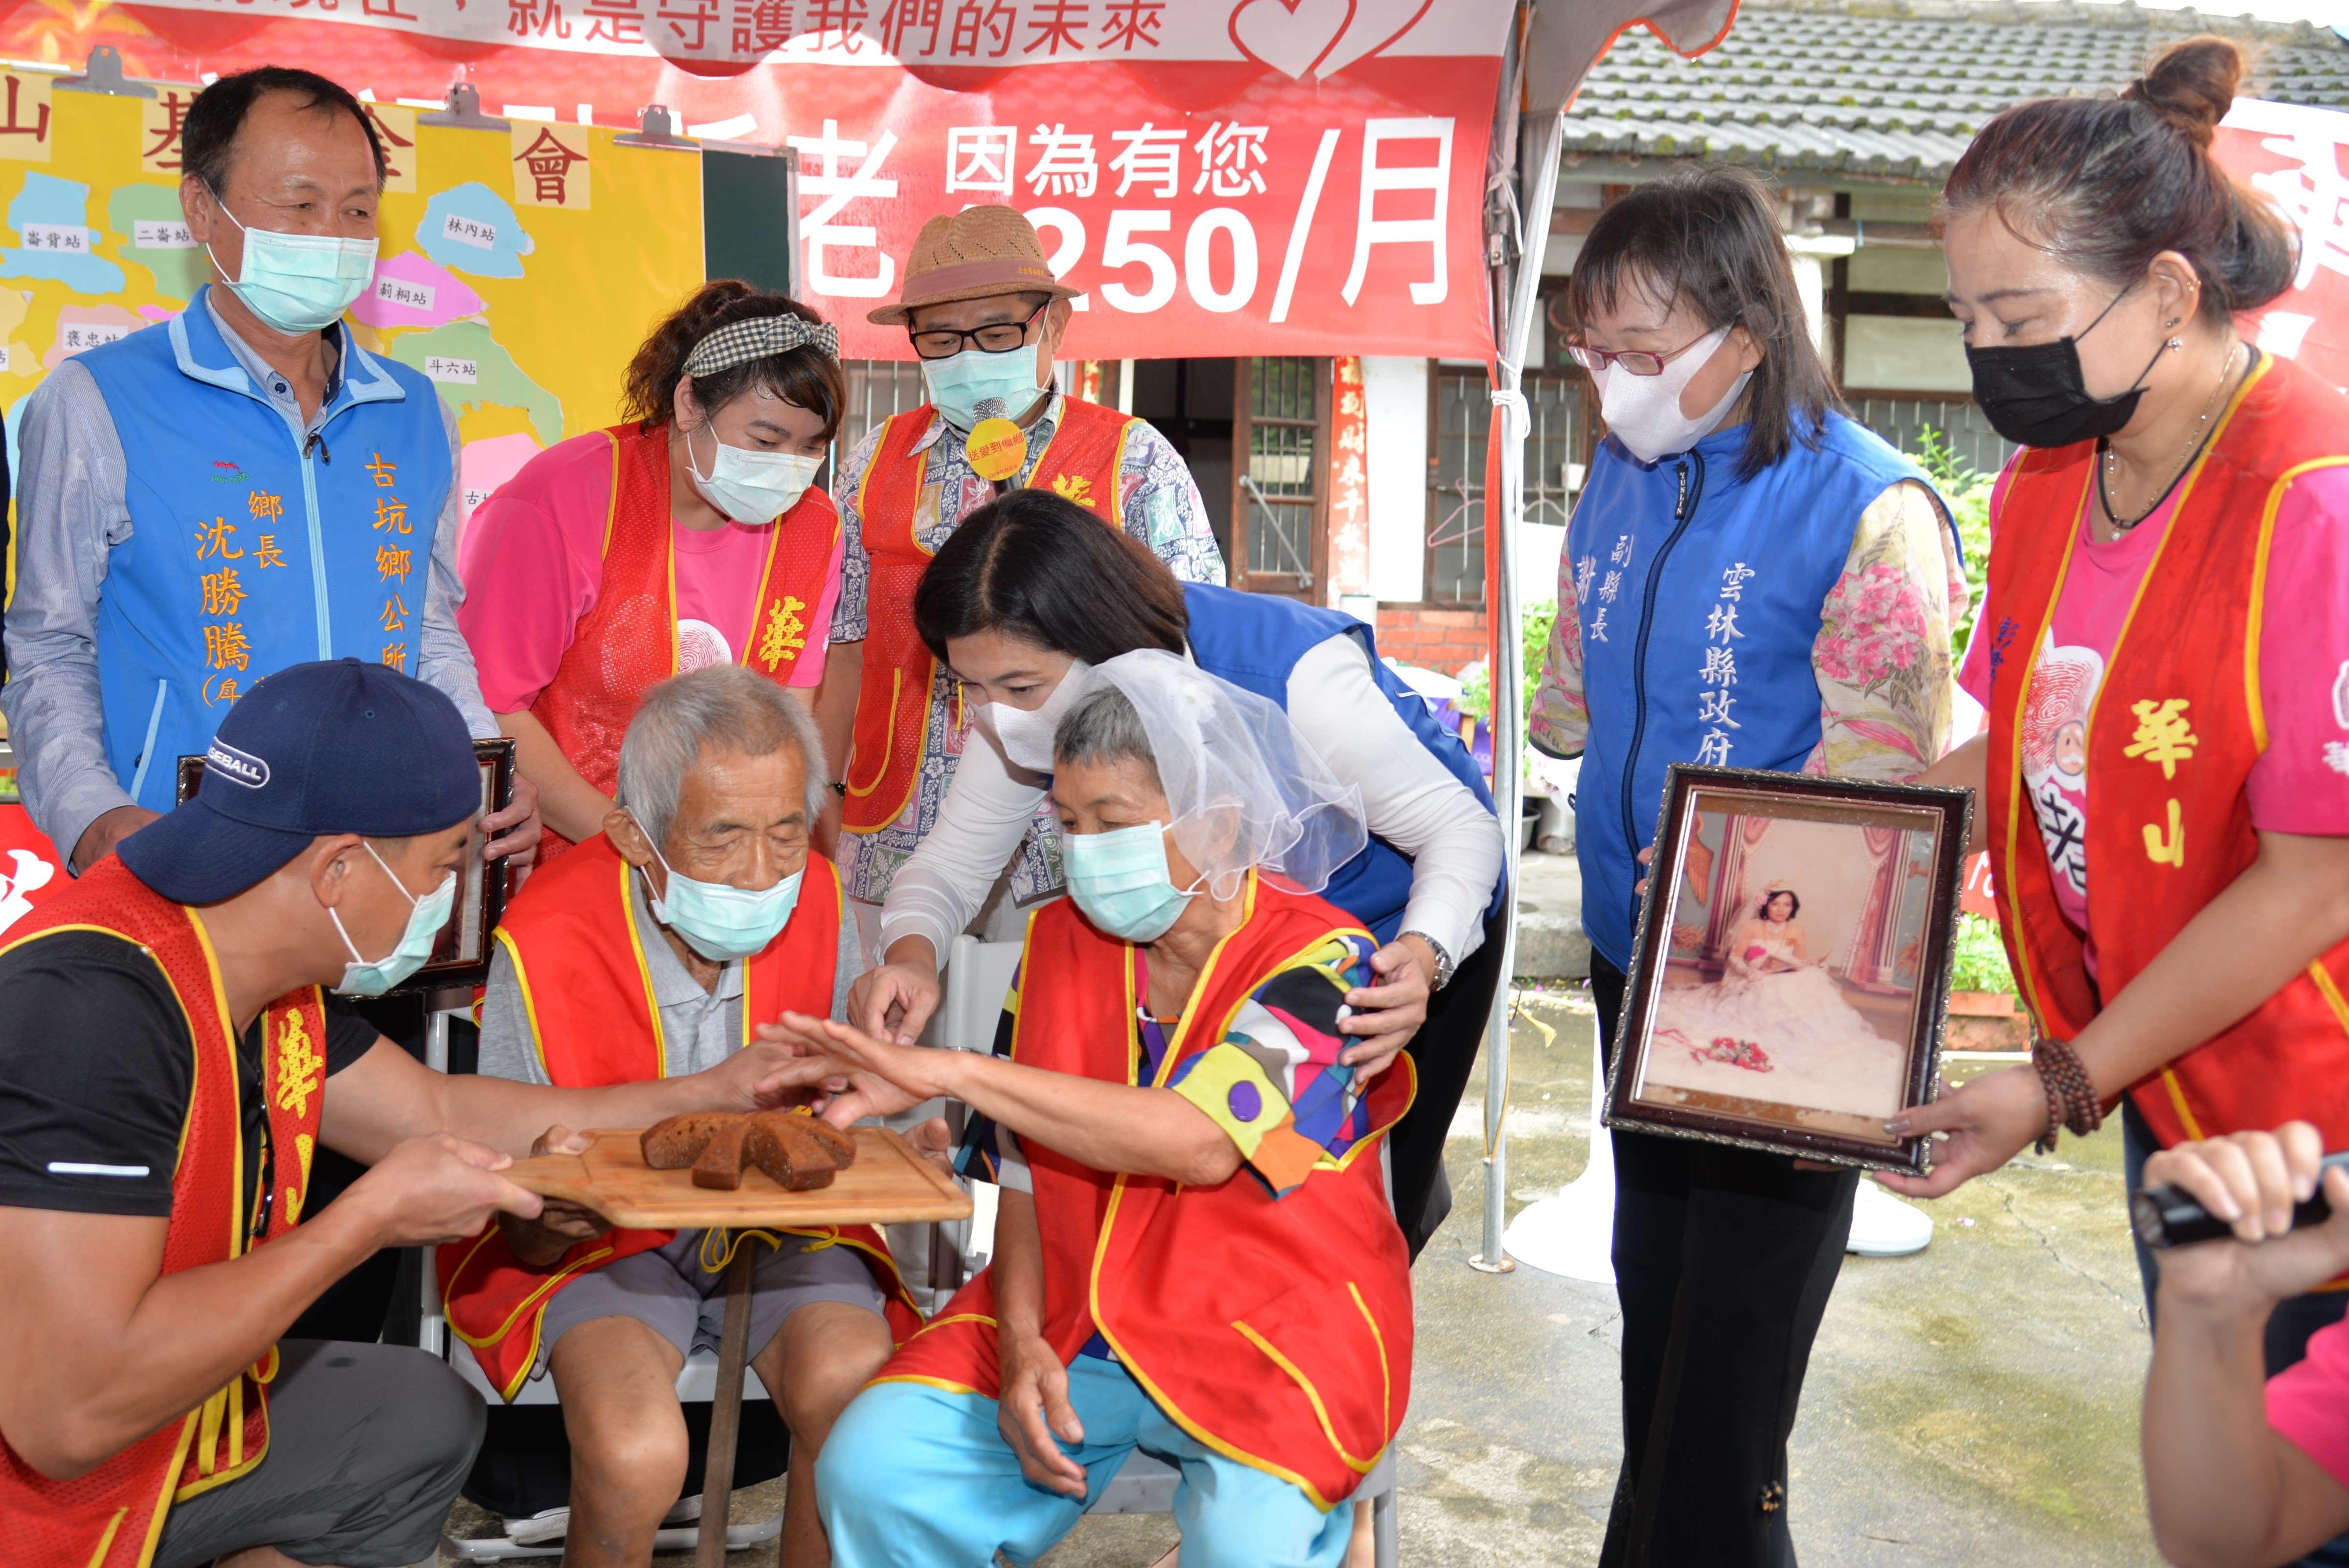 張縣長與藝人許效舜、江宏恩為老寶貝獻上印尼甜點